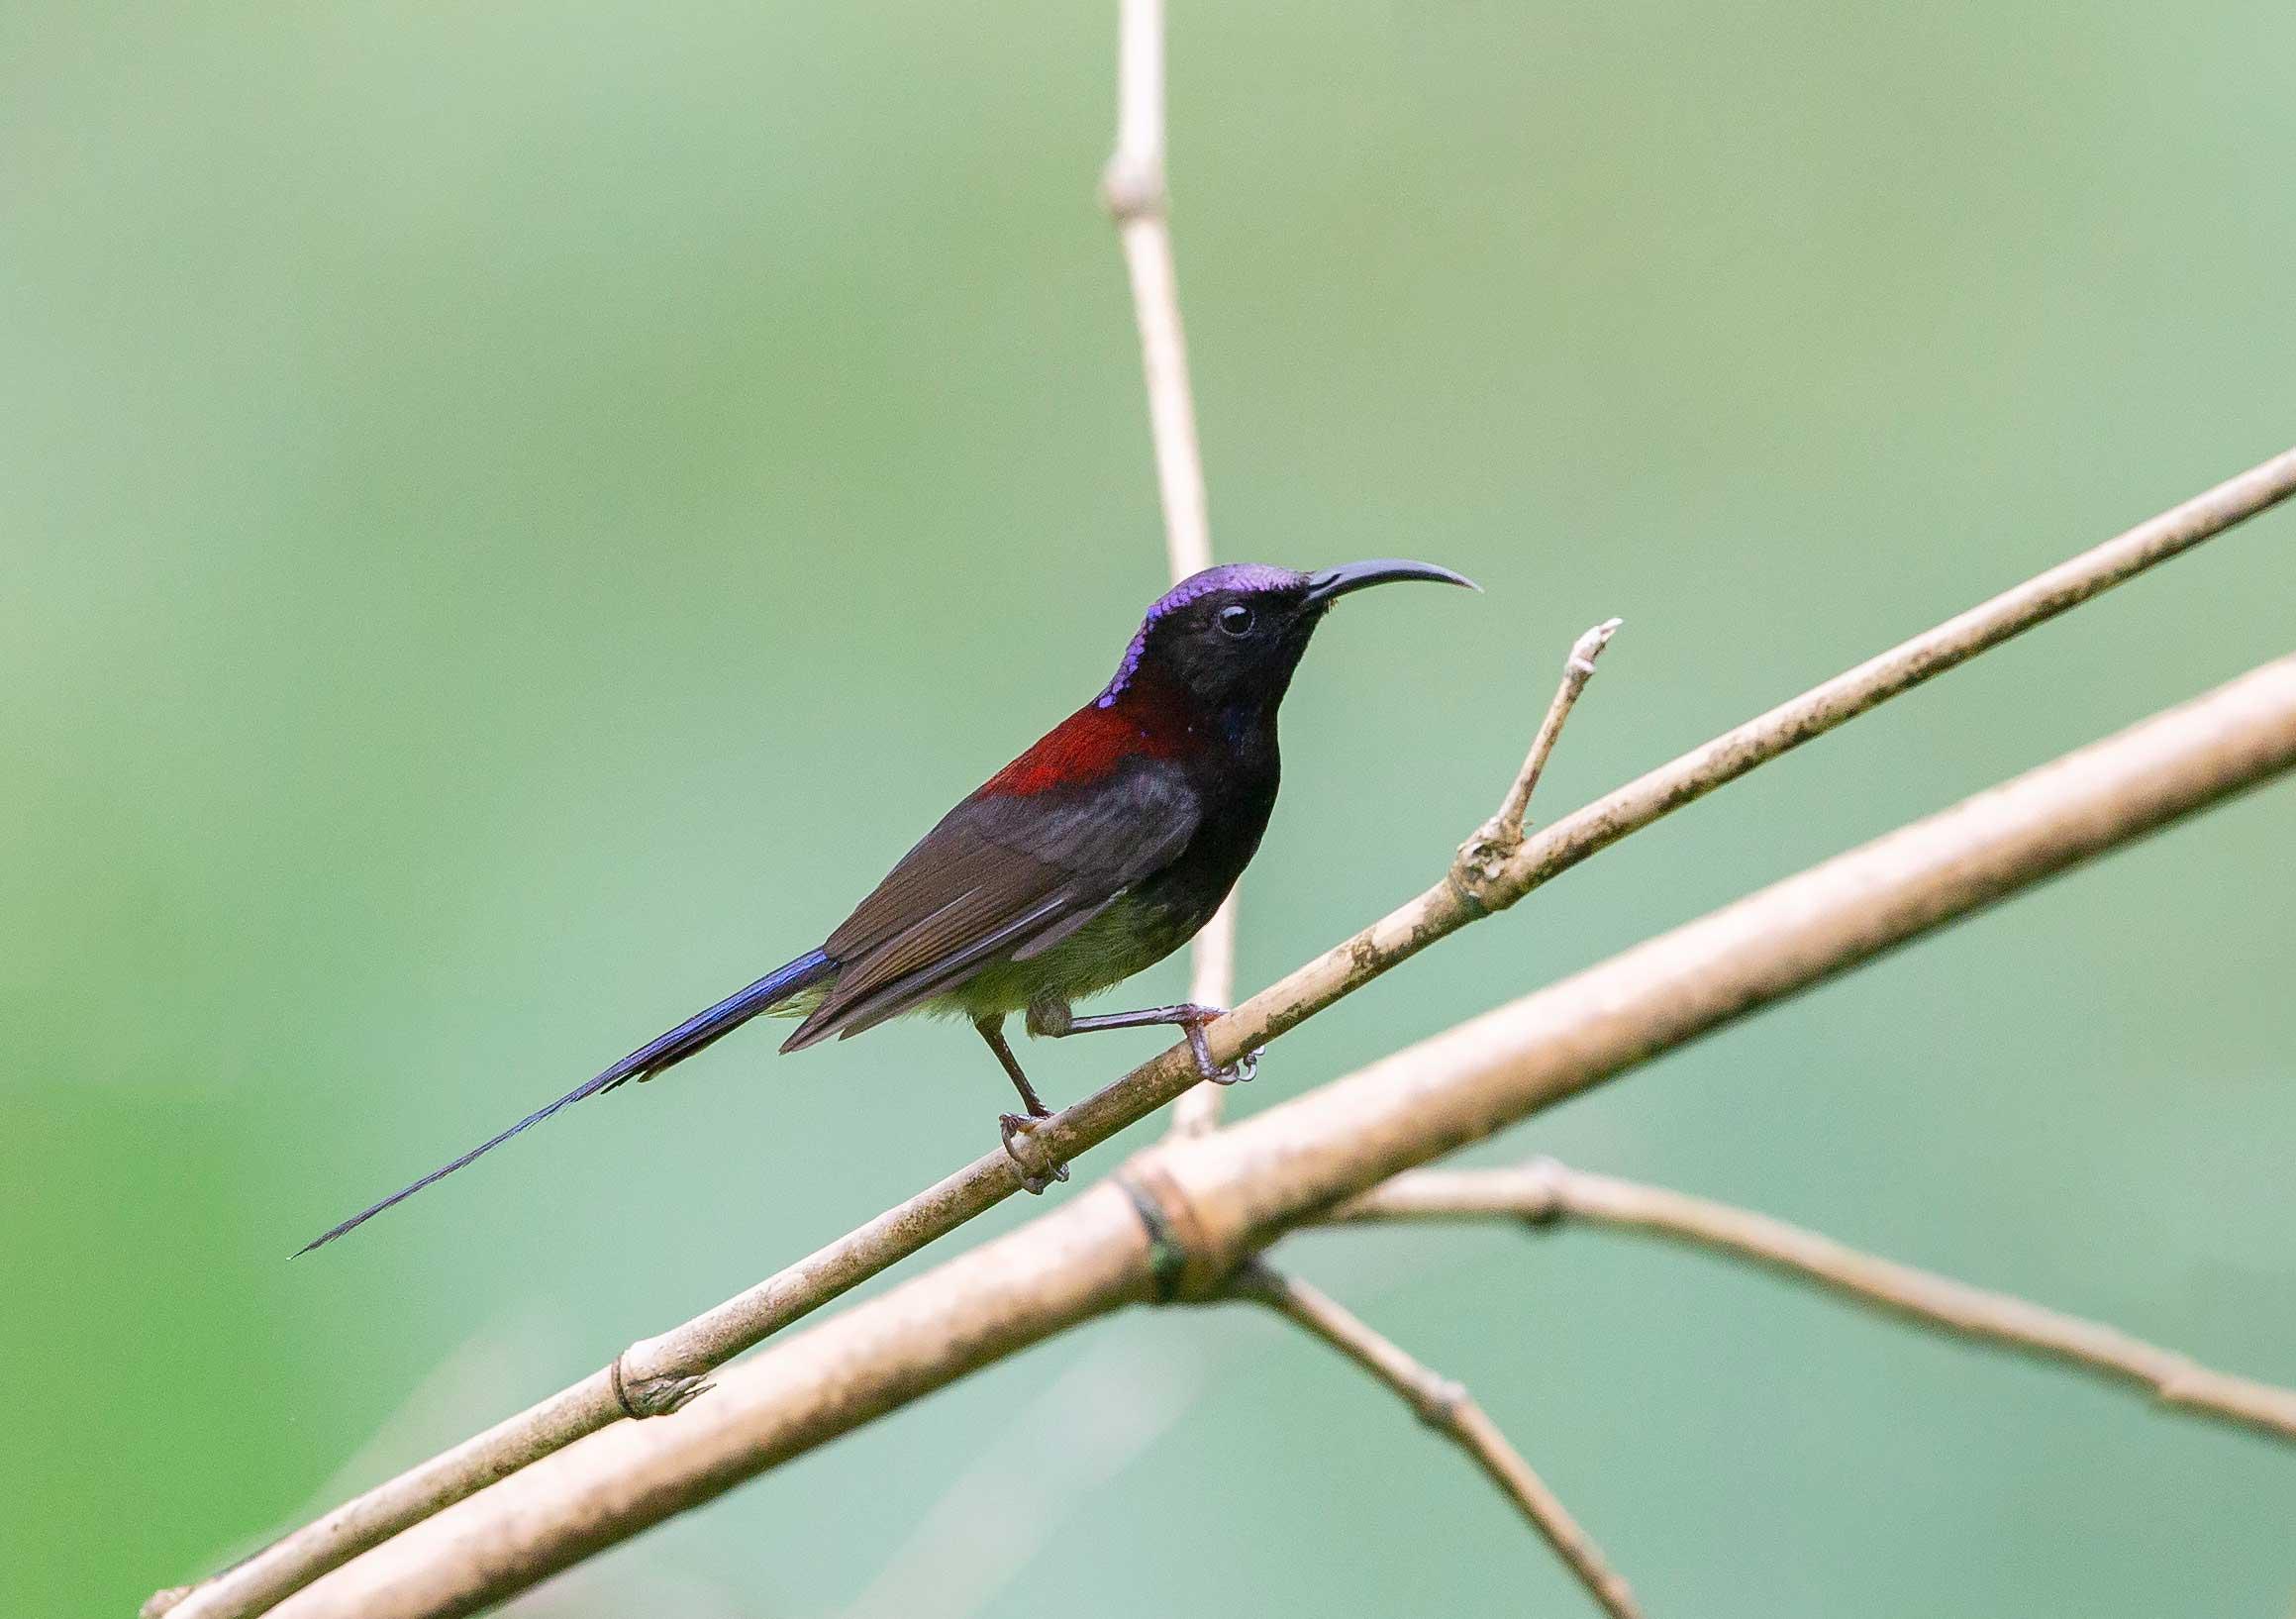 mehao-wls-arunachal-pradesh-black-throated-sunbird